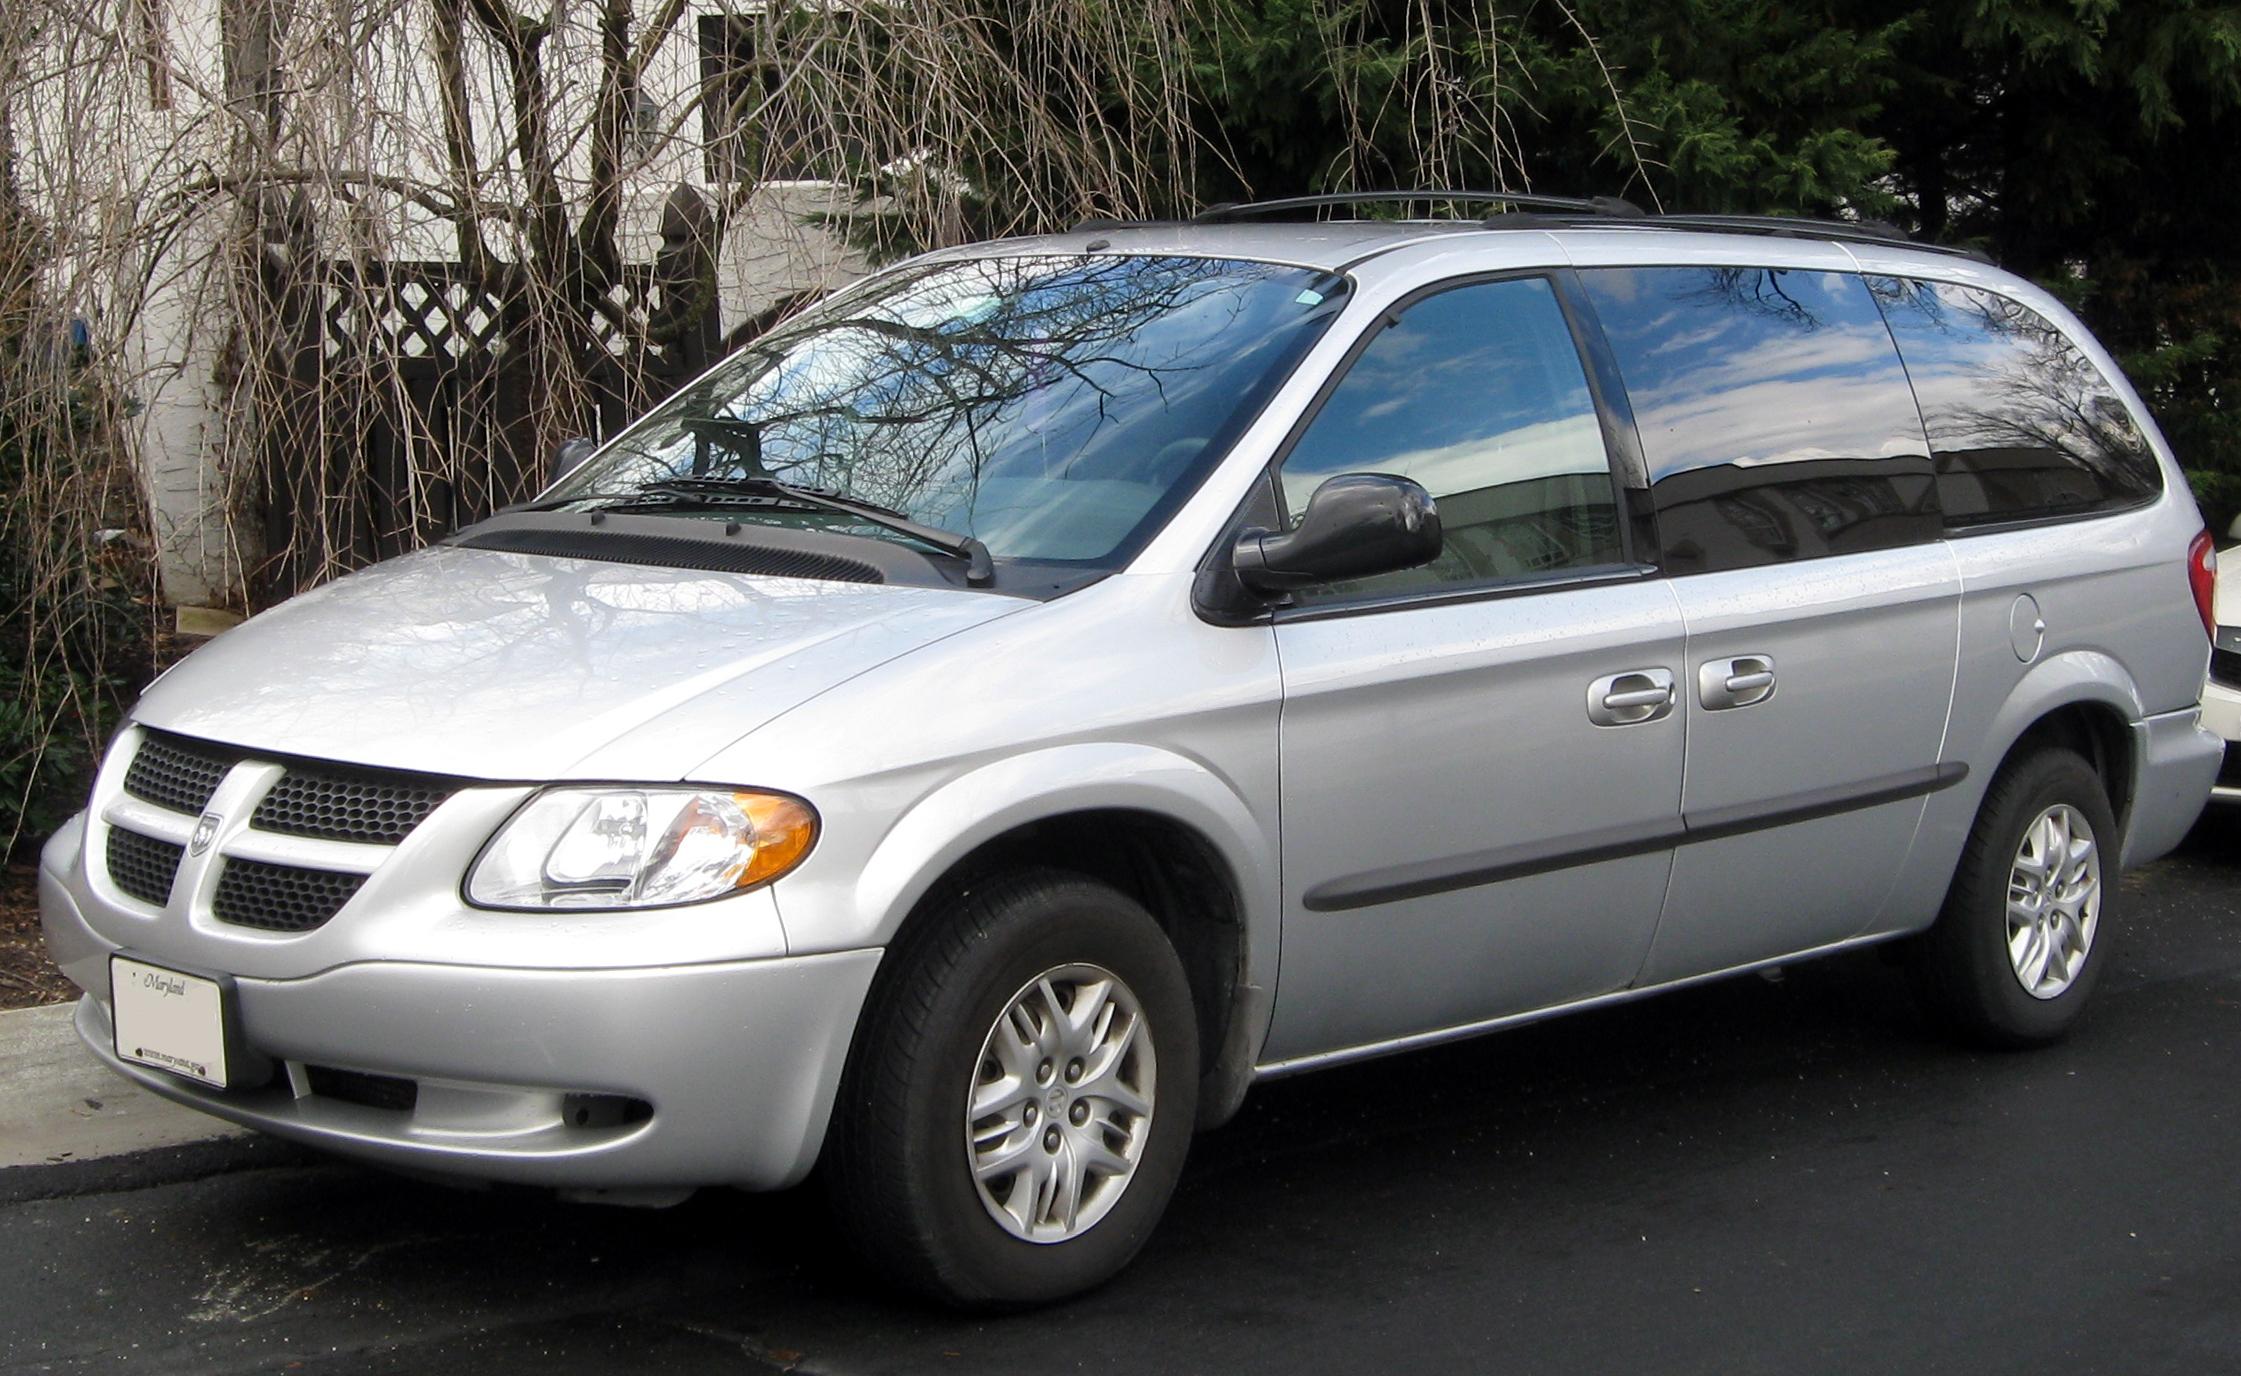 file 2001 2004 dodge grand caravan 01 27 2012 jpg wikimedia commons rh commons wikimedia org 2001 Dodge Caravan Interior 2000 Dodge Caravan